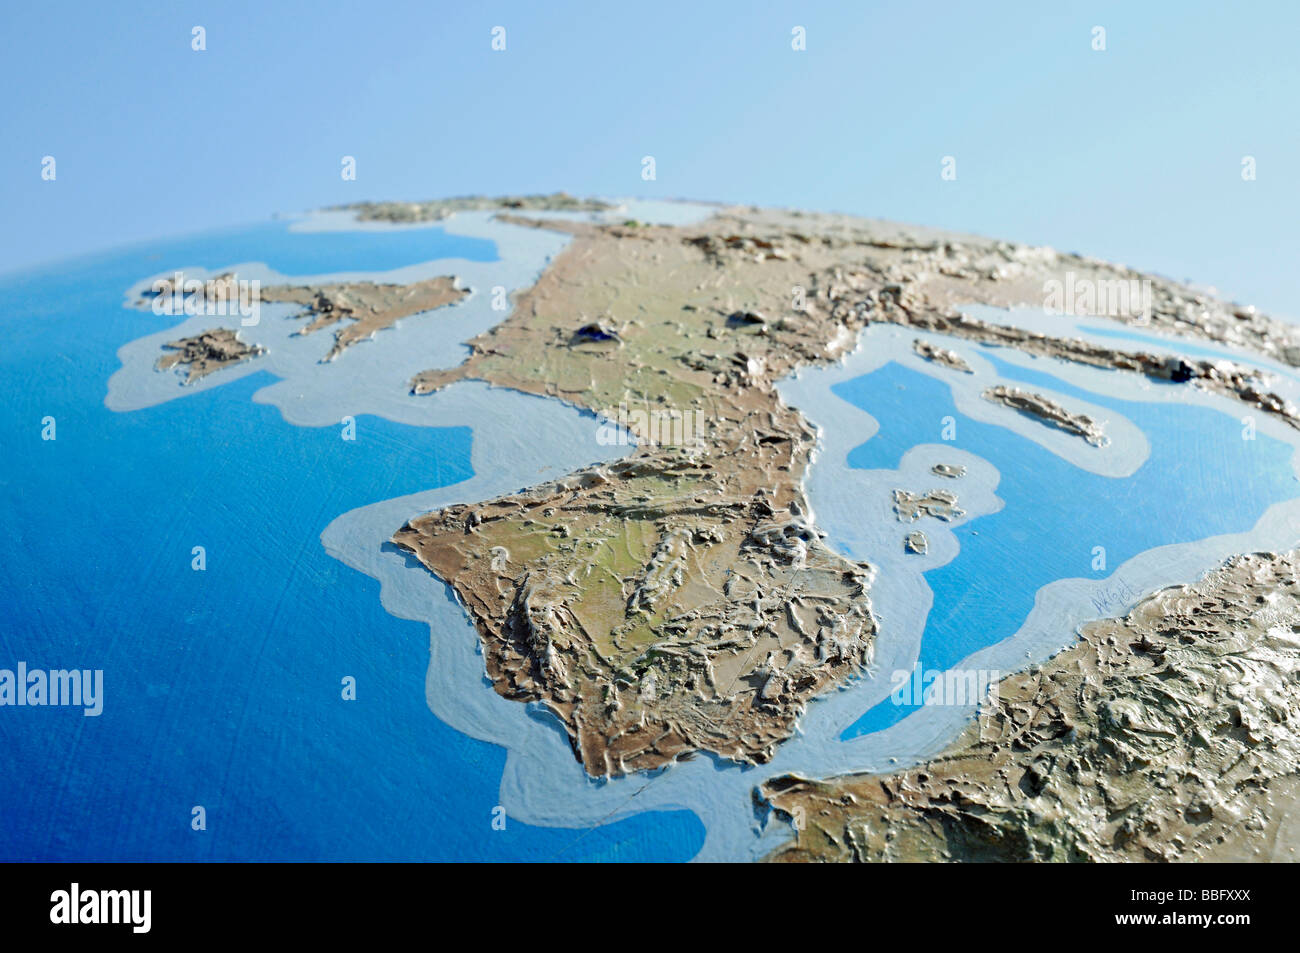 Globus, Geographie, Illustration, Spanien und Nordafrika Stockbild